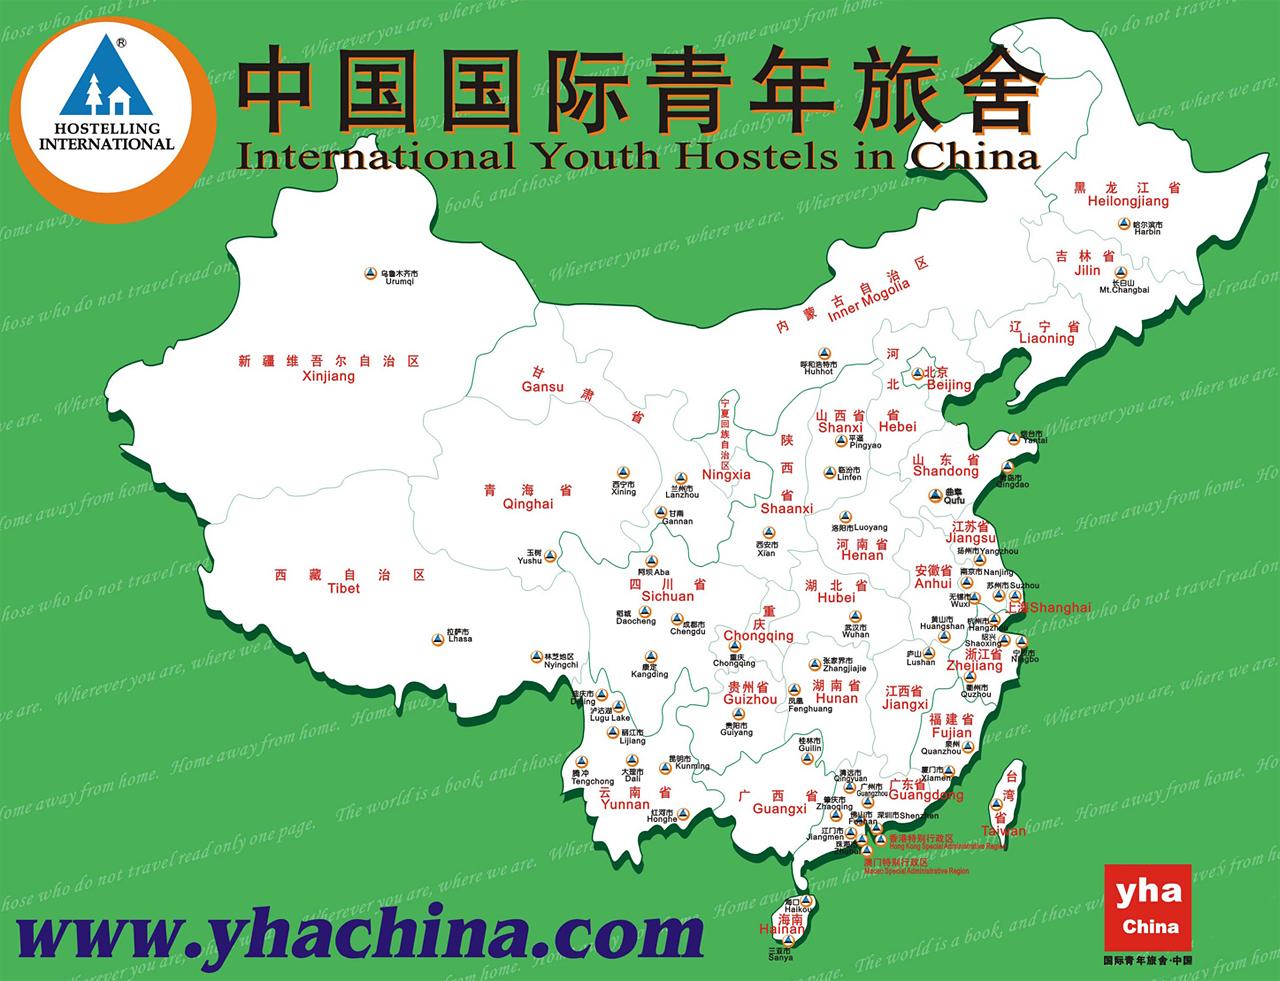 国际青年旅舍.中国—地图查询